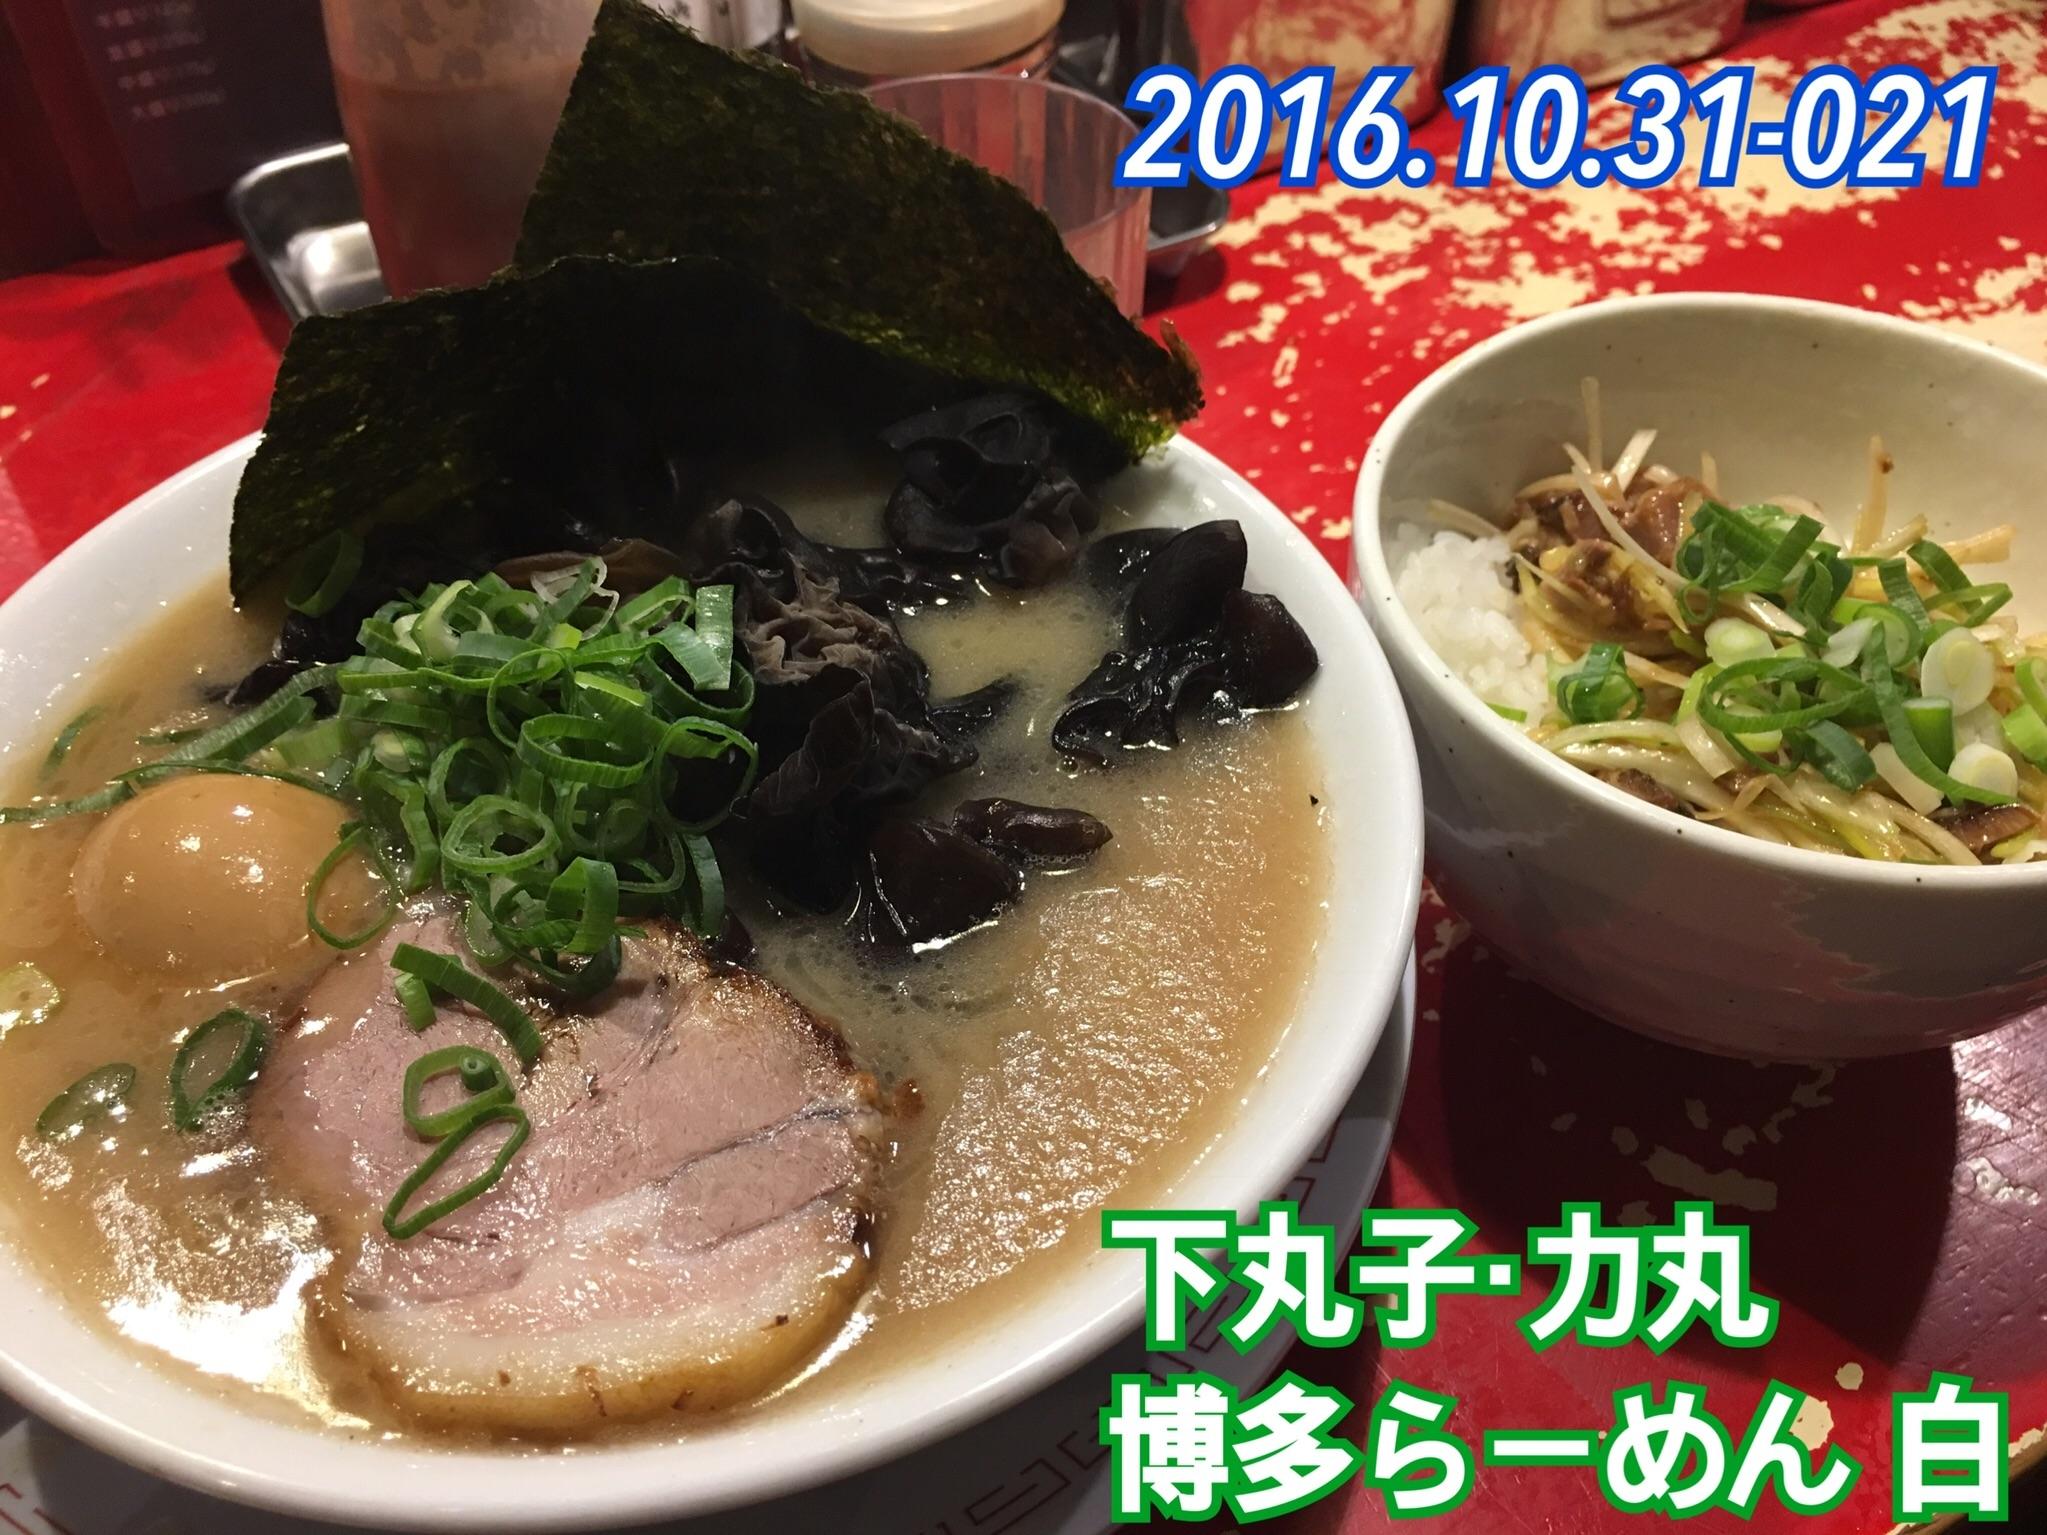 f:id:nnnaoki84:20170111110100j:image